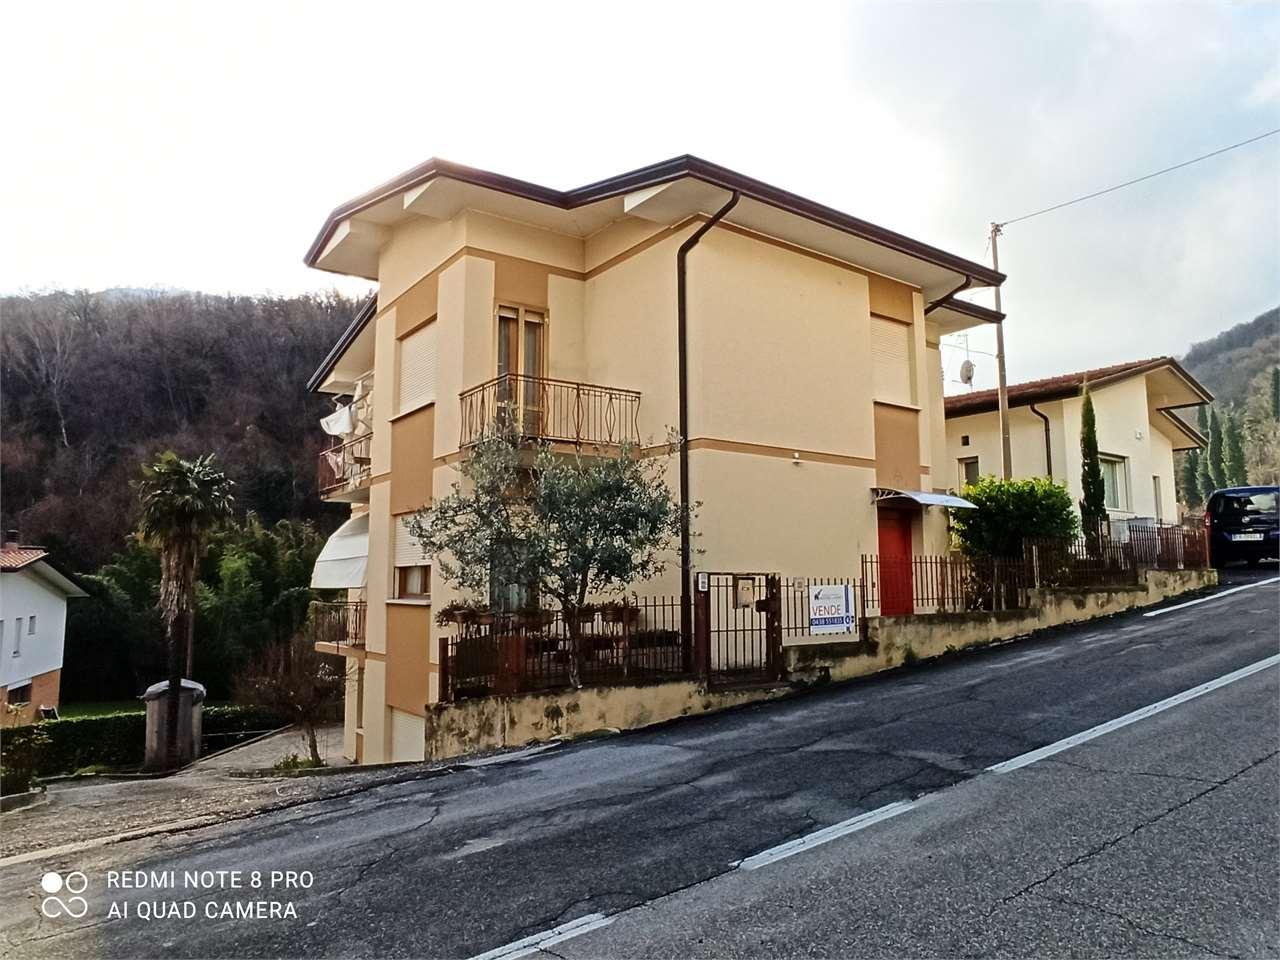 Soluzione Indipendente in vendita a Vittorio Veneto, 6 locali, zona Località: Centro, prezzo € 245.000   CambioCasa.it